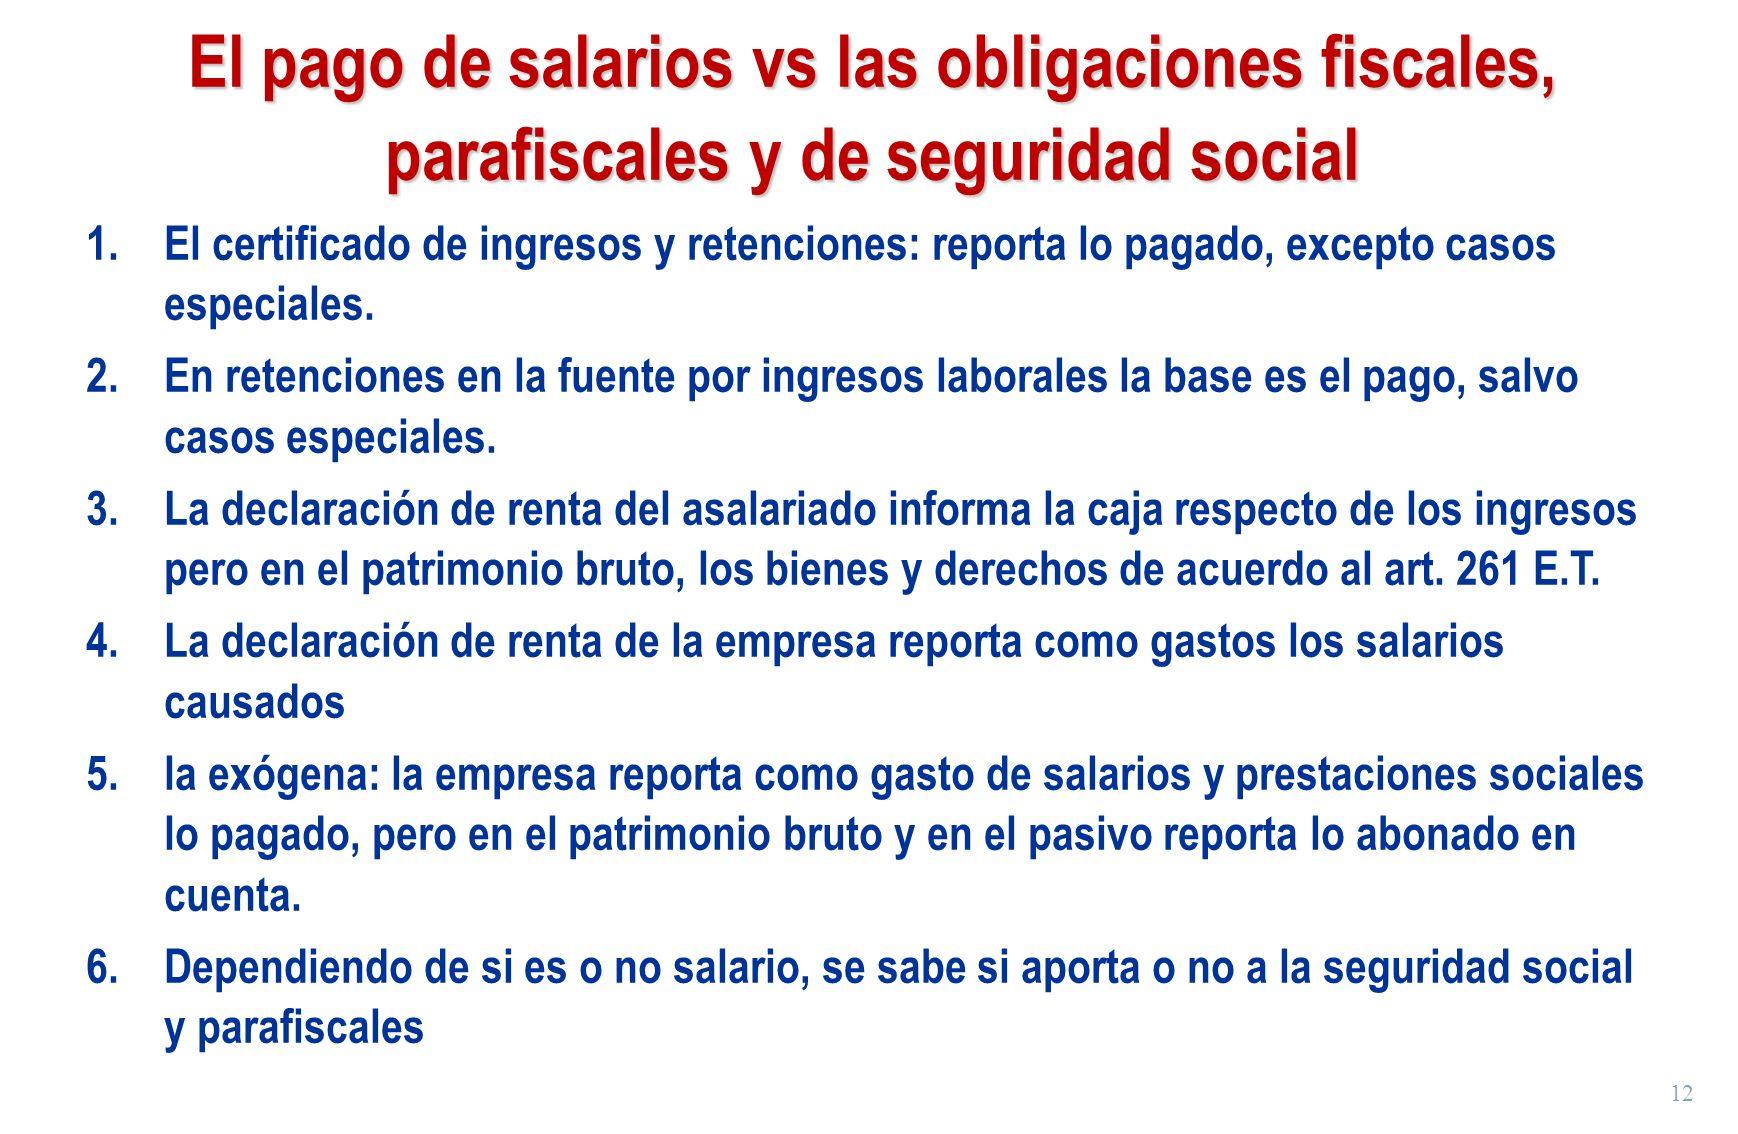 12 El pago de salarios vs las obligaciones fiscales, parafiscales y de seguridad social 1.El certificado de ingresos y retenciones: reporta lo pagado,